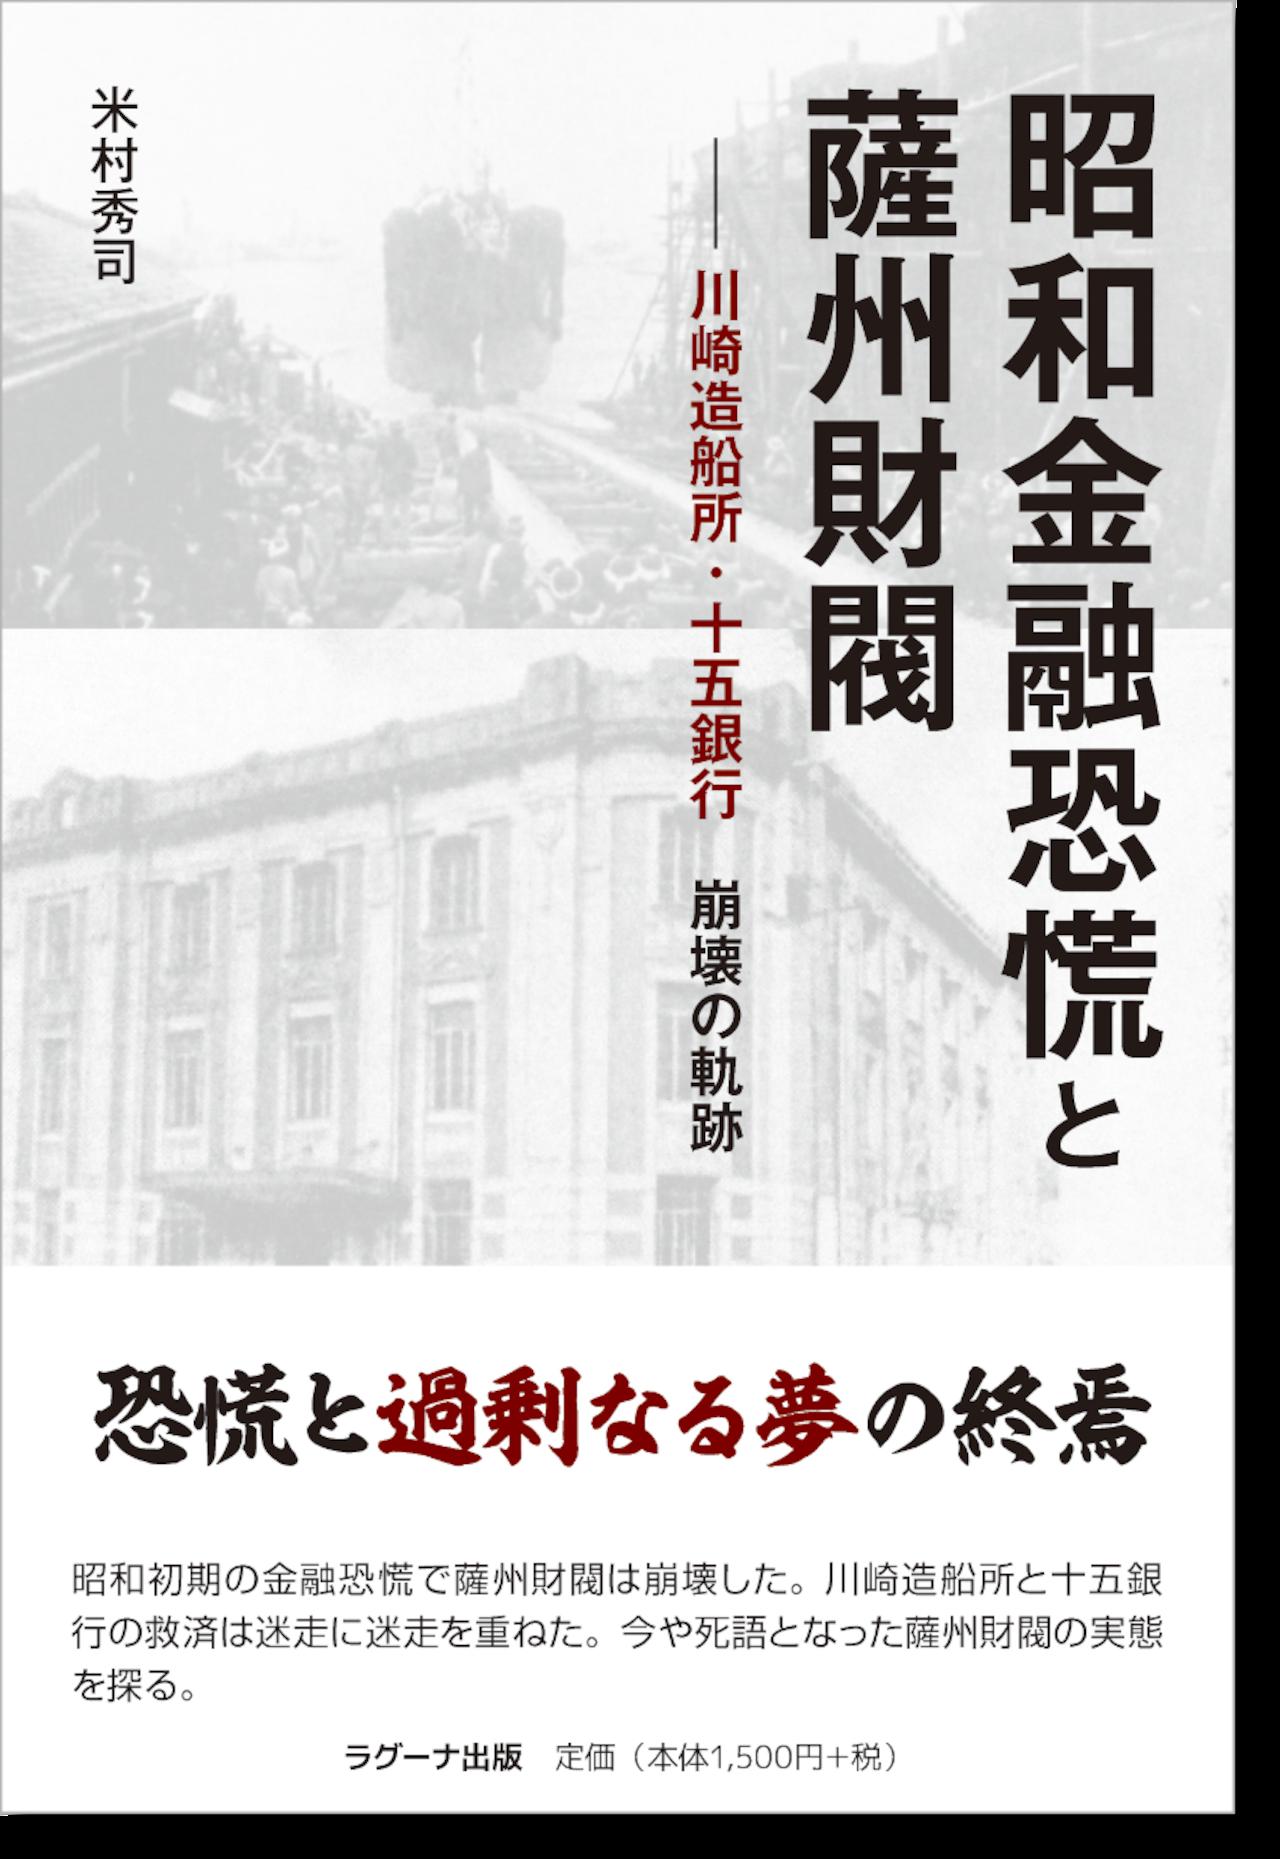 昭和金融恐慌と薩州財閥―川崎造船所・十五銀行崩壊の軌跡